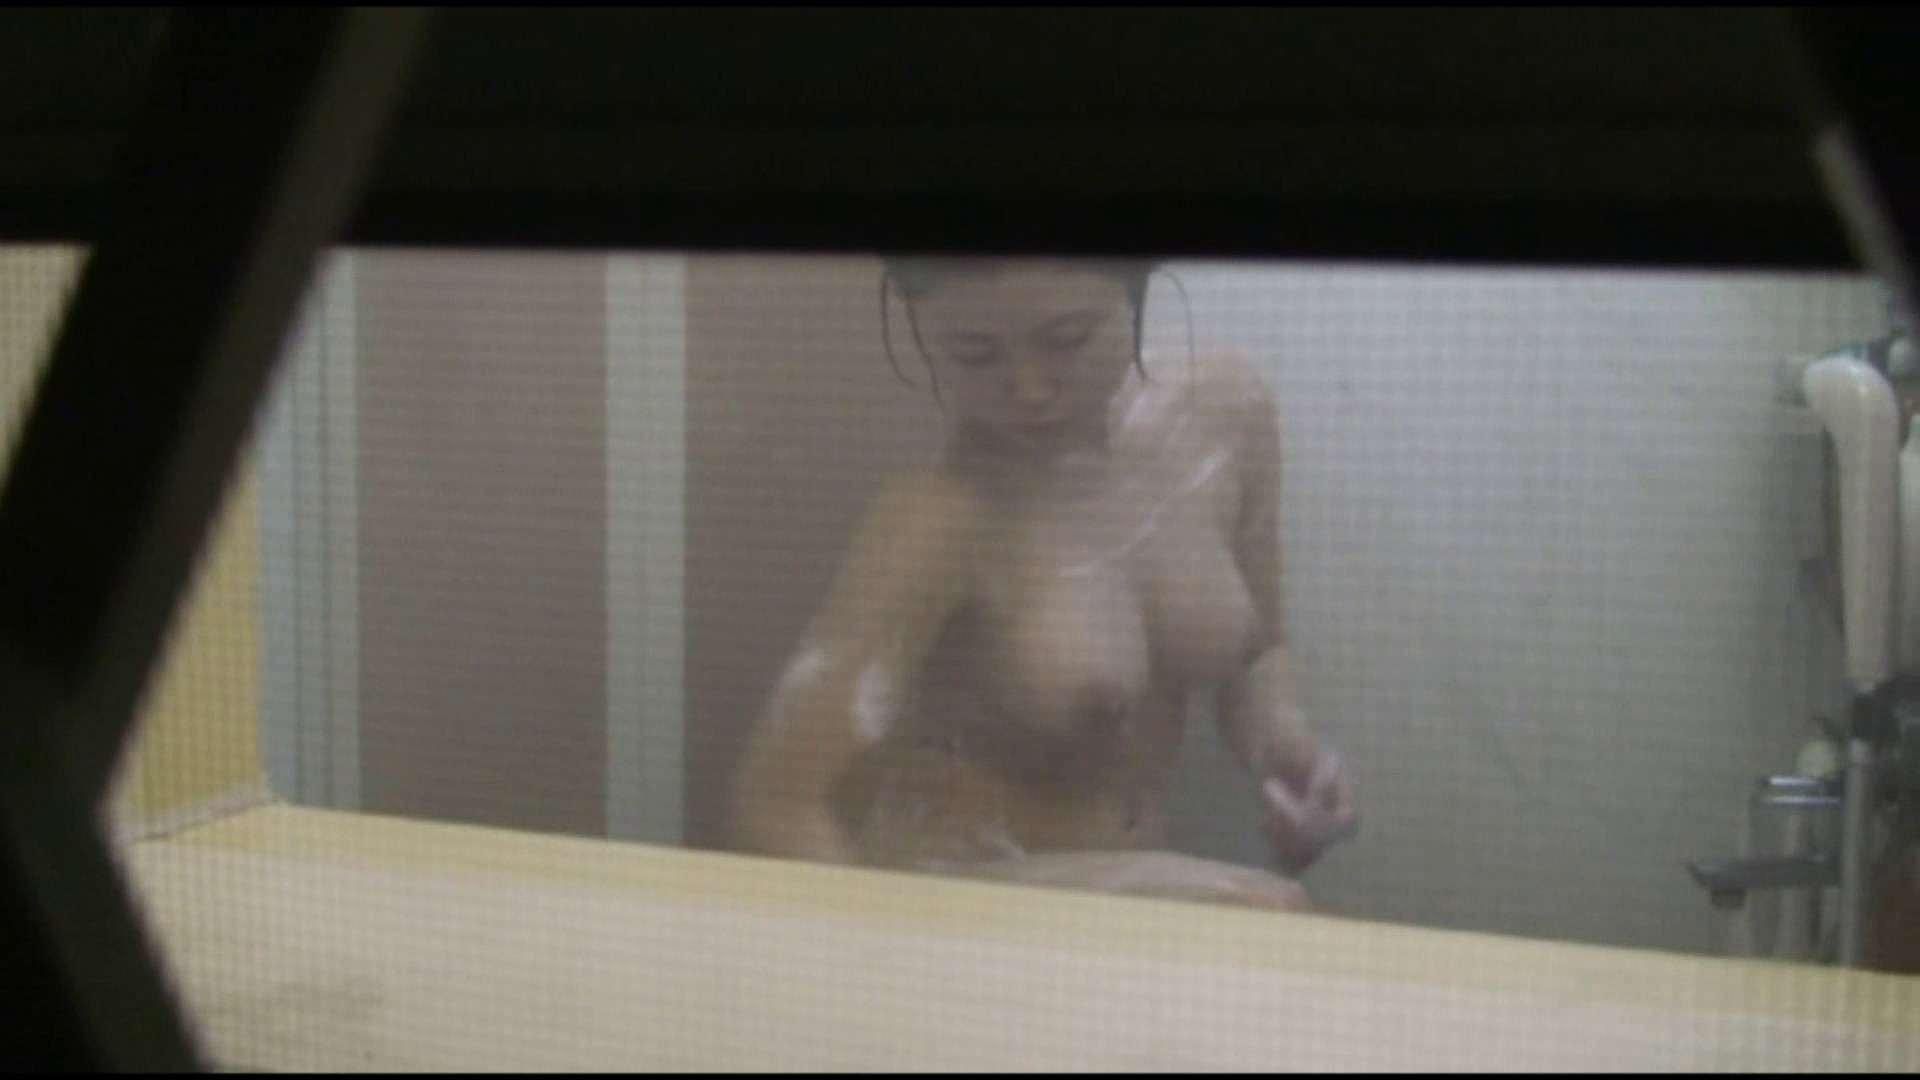 vol.04巨乳美人のおっぱいがプルルンッと弾けてます!風呂上りも必見 覗き  94pic 46